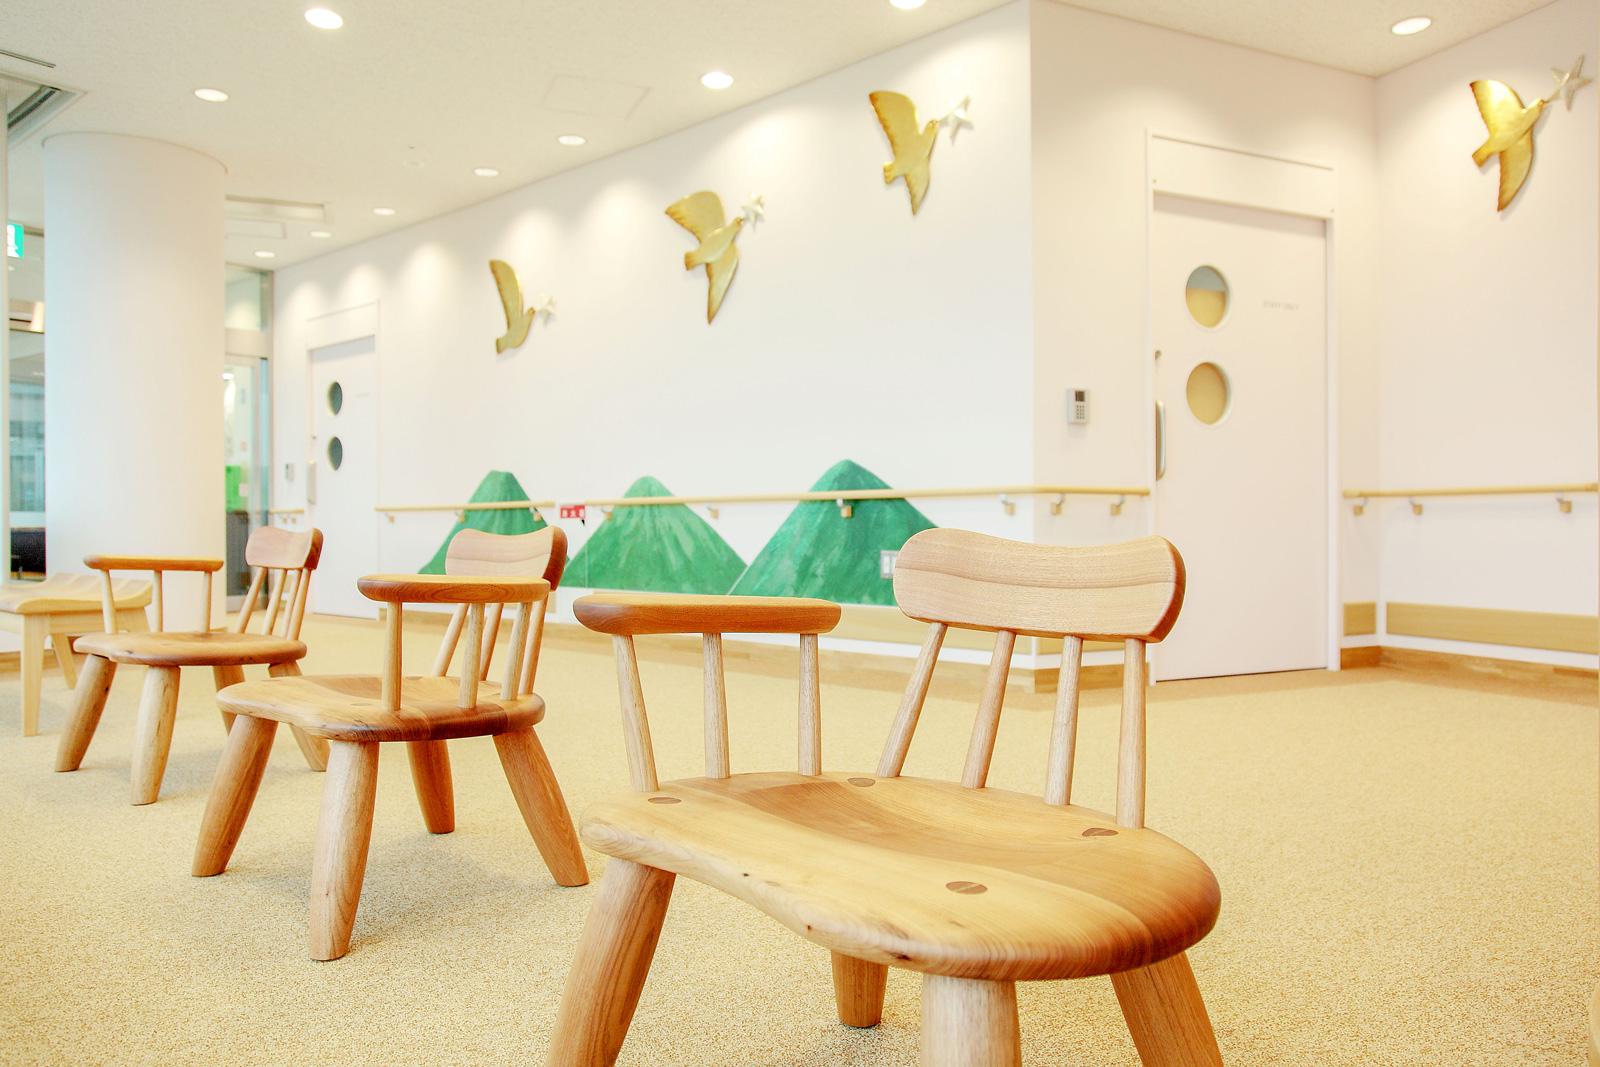 ホスピタルアート 兵庫県立光風病院 児童思春期センター 「光の森」